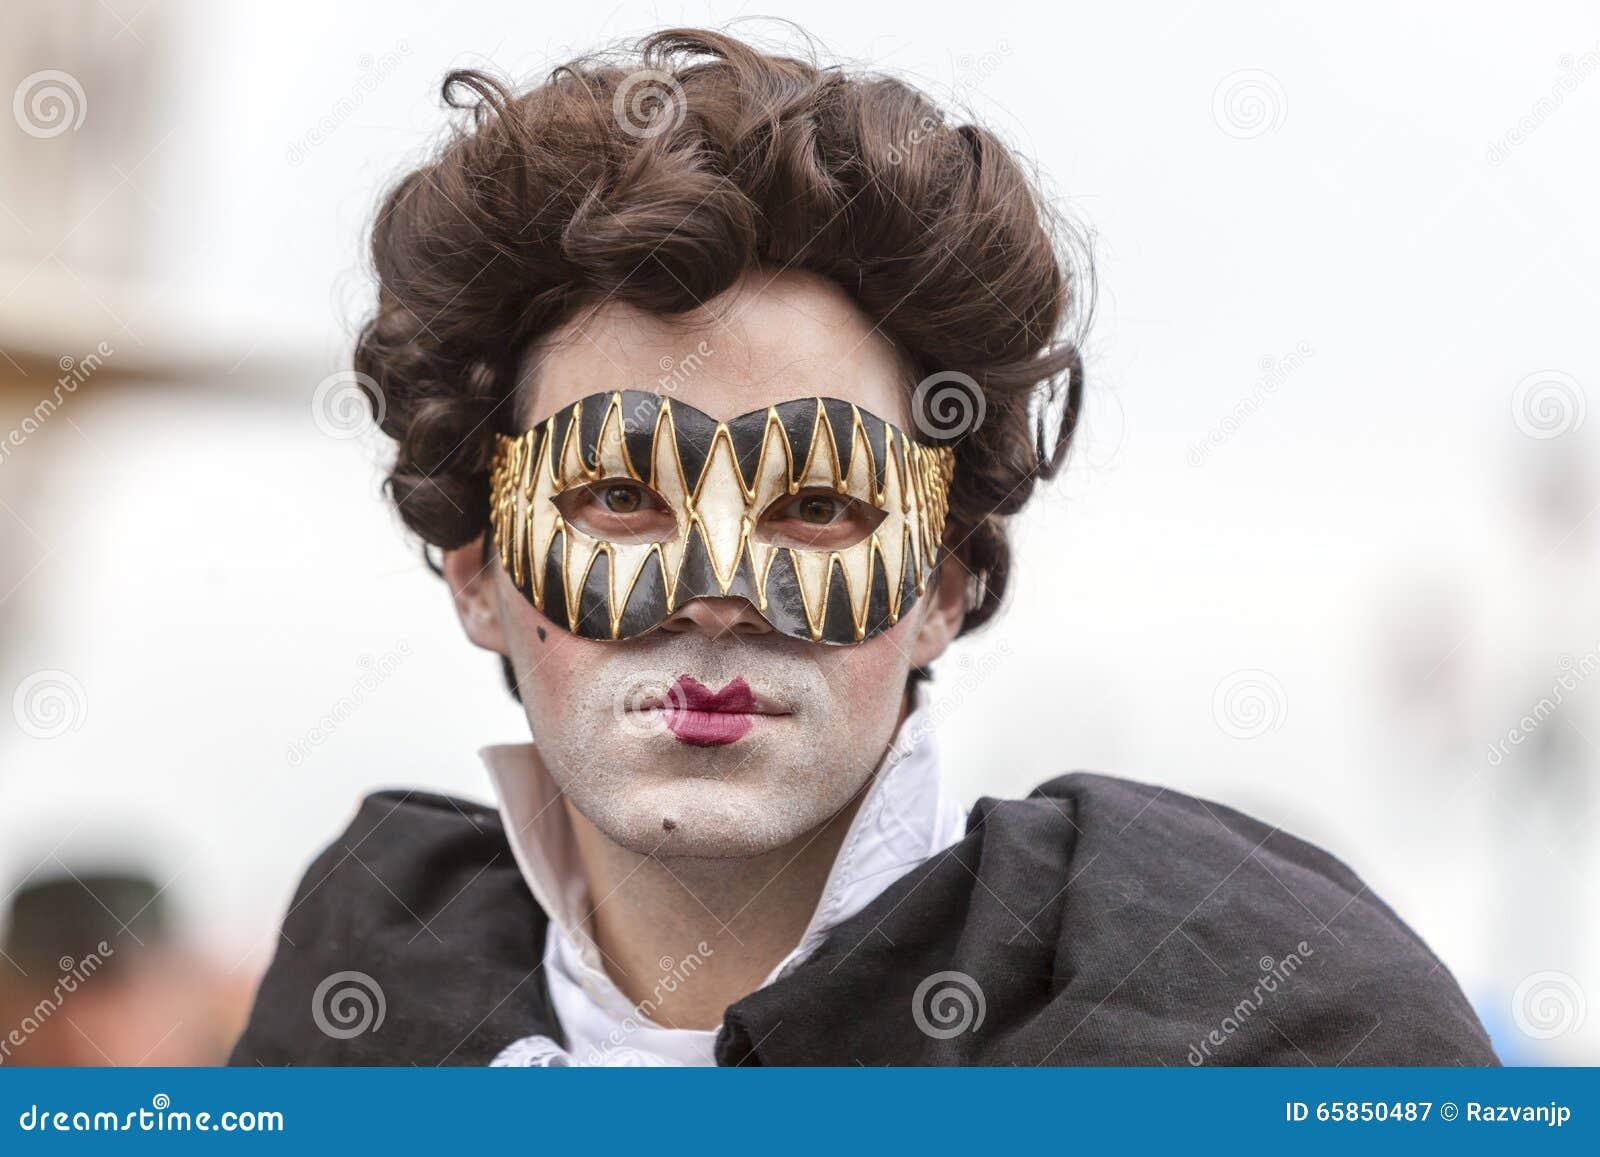 Porträt eines Mannes mit einer Maske - Venedig-Karneval 2014